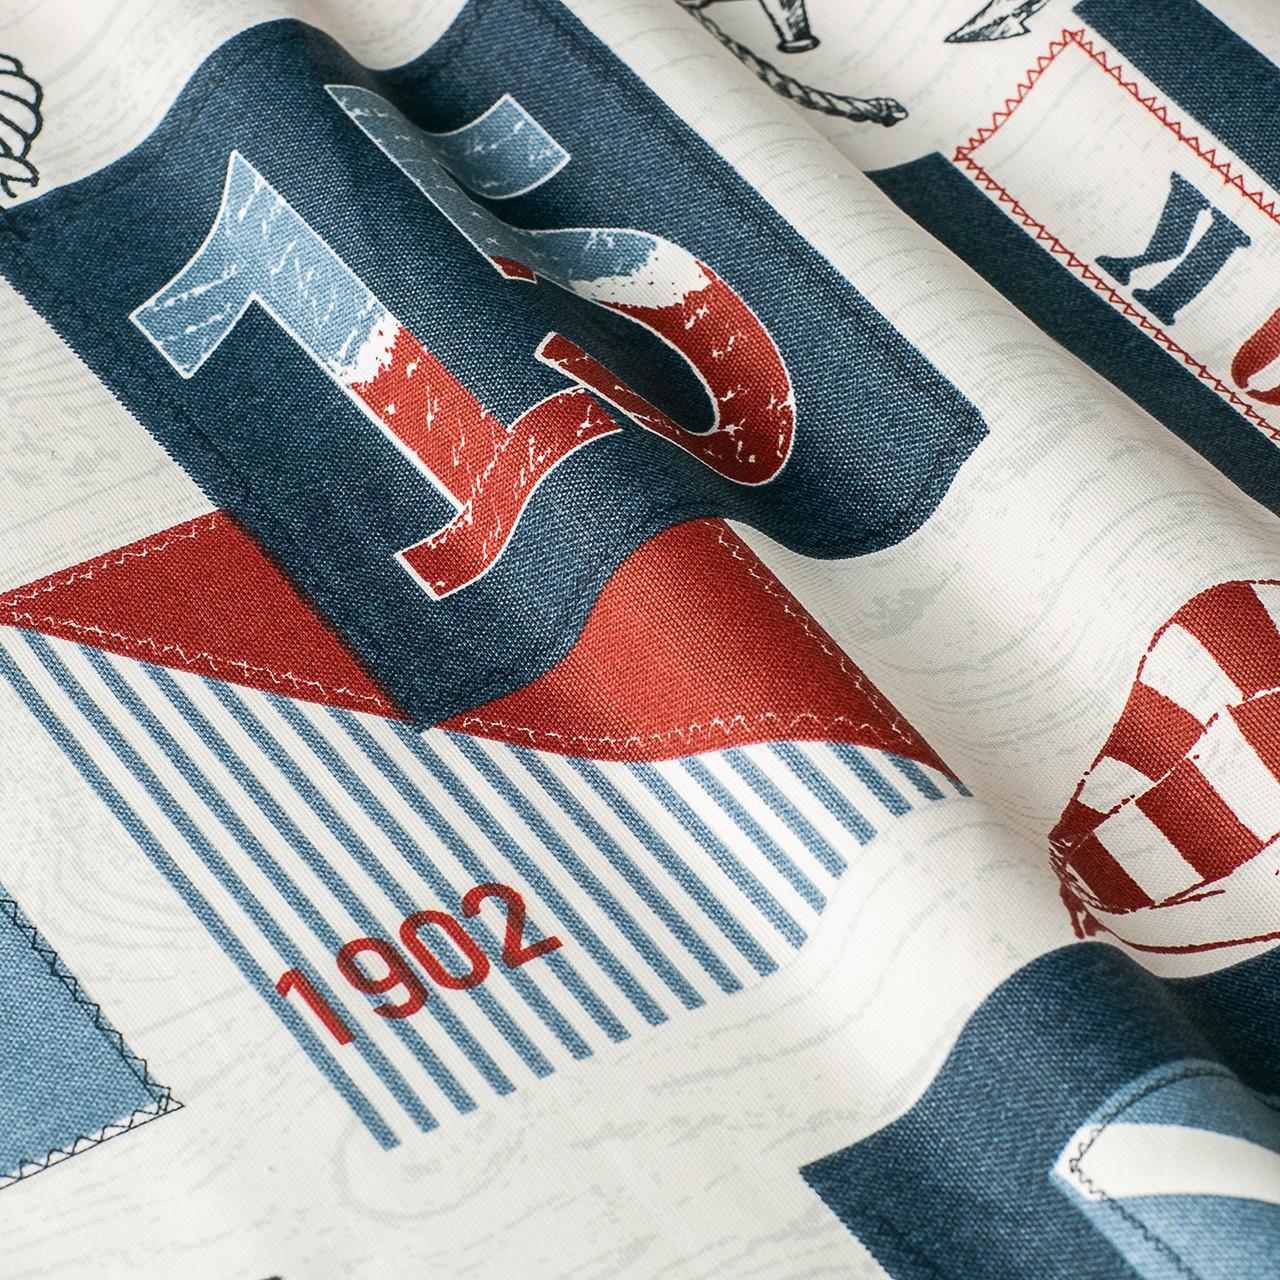 Декоративная ткань с тефлоновой пропиткой морская тематика 101274v3